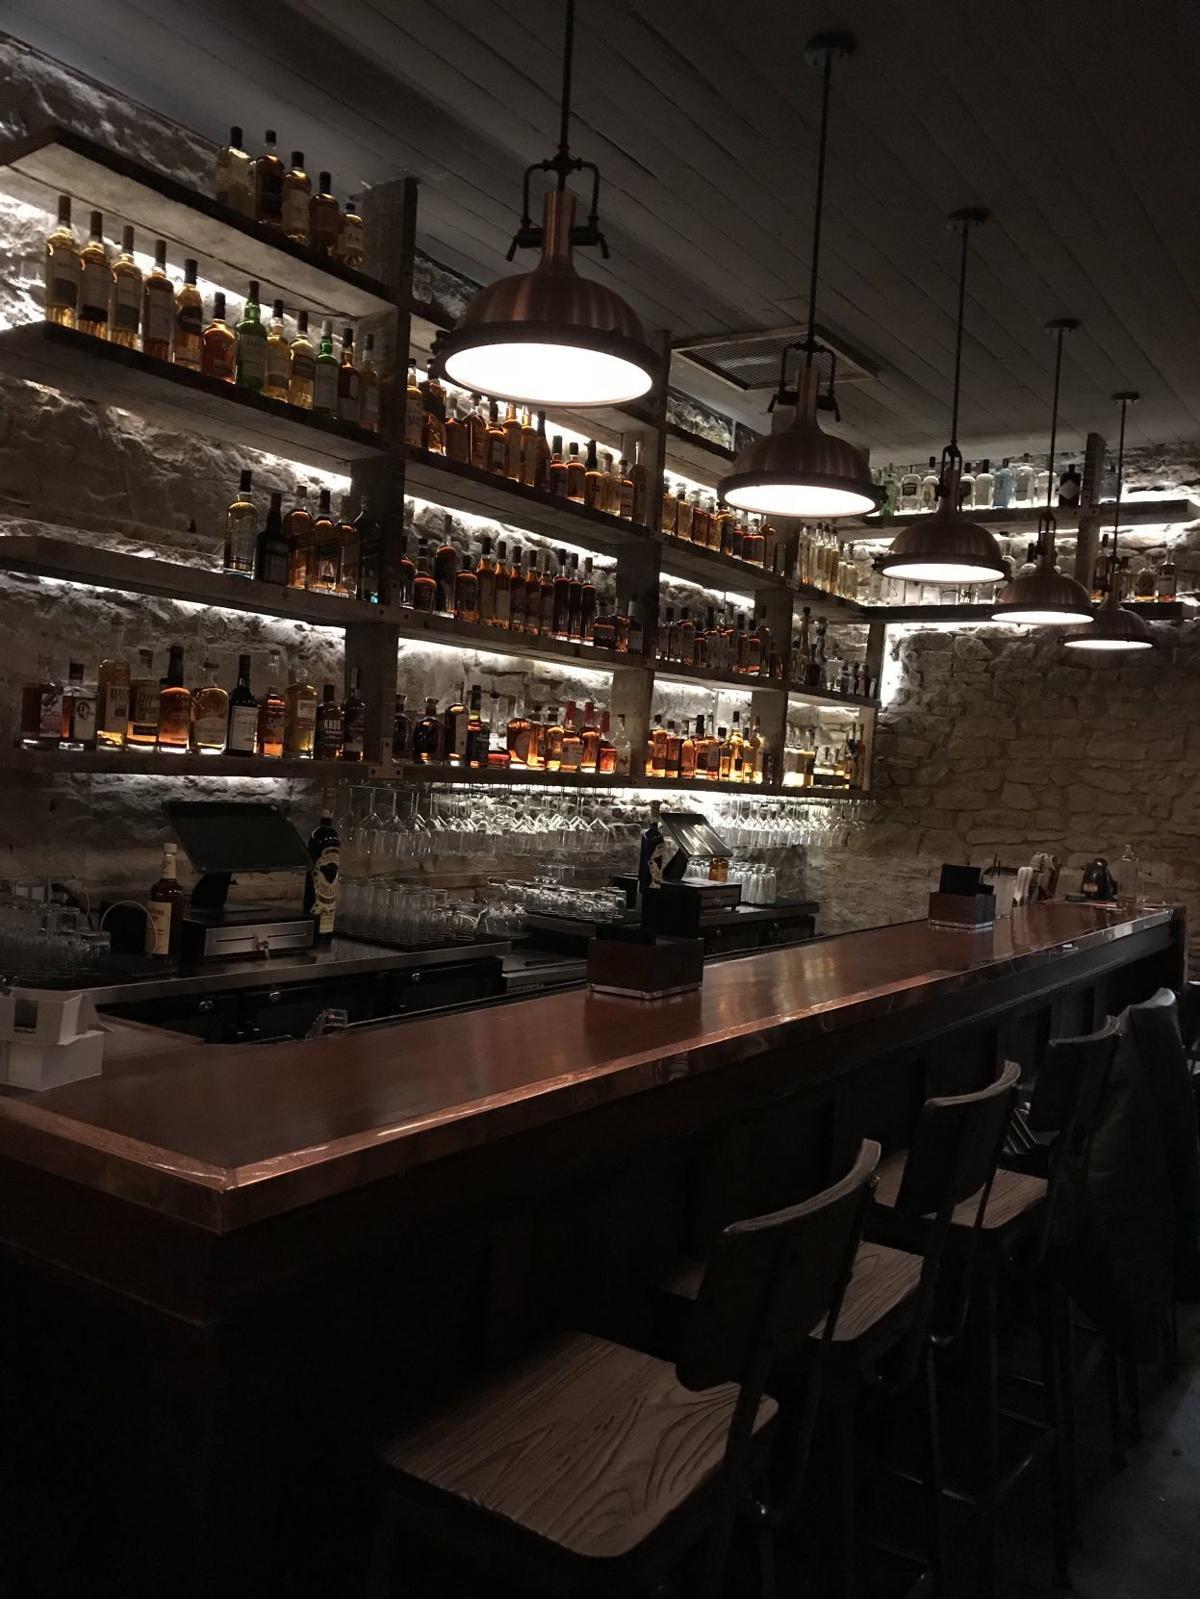 Boar & Barrel bar